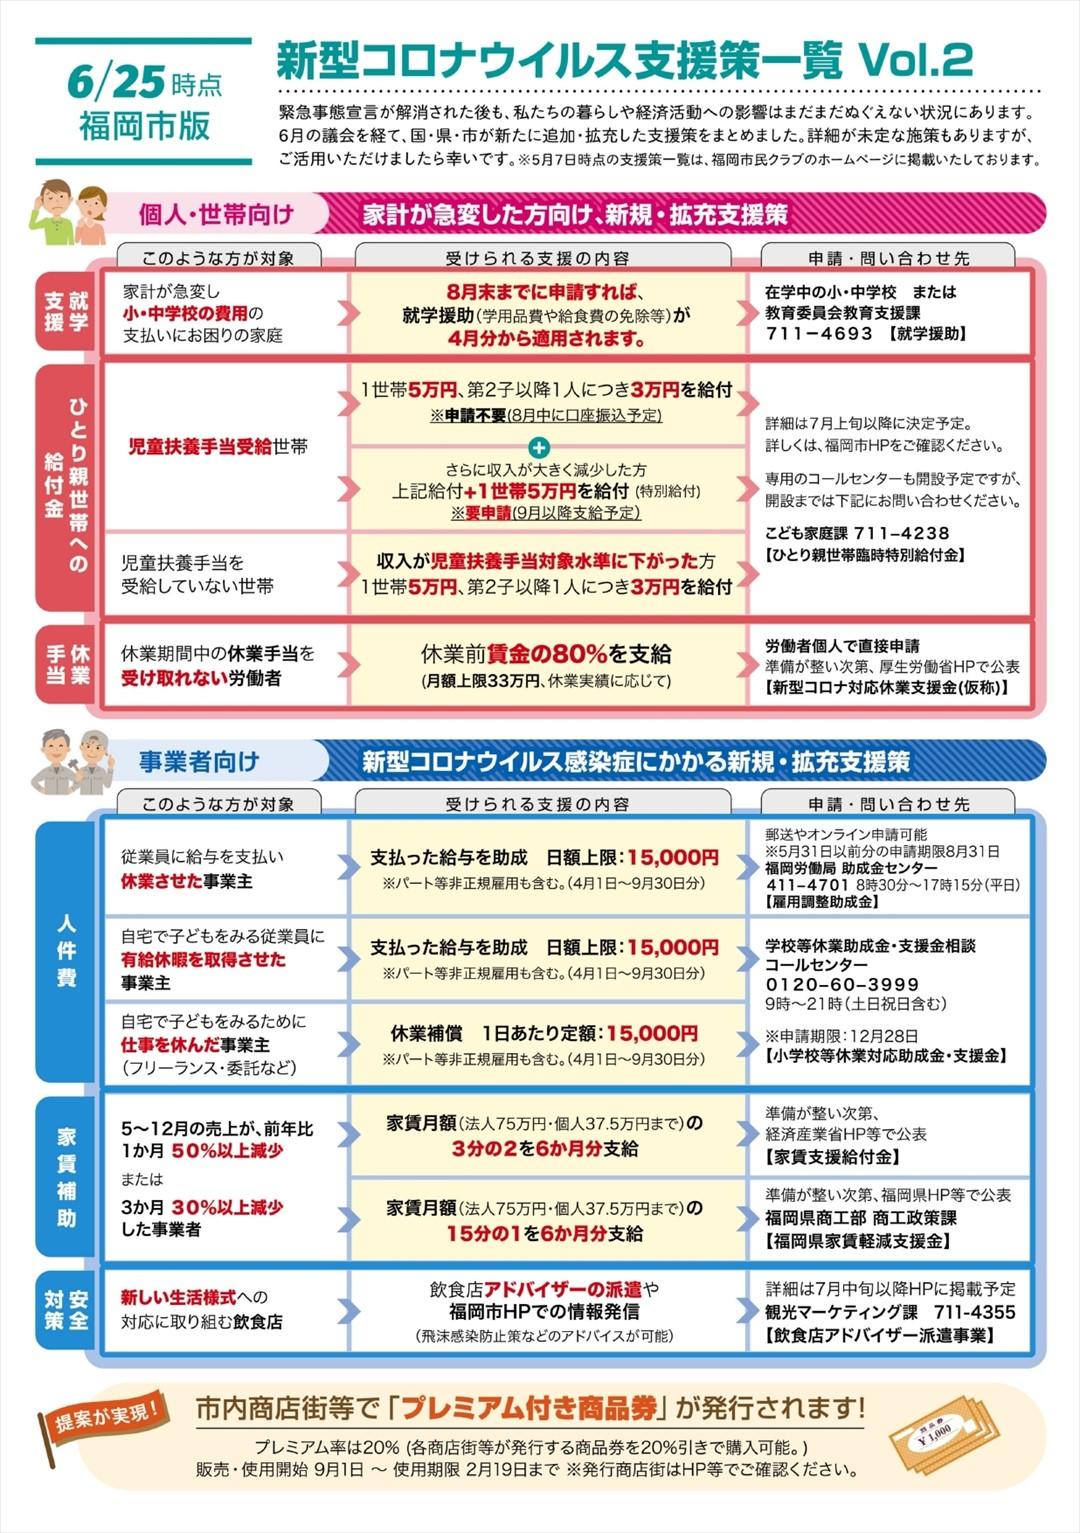 福岡市版 新型コロナウイルス支援策一覧 Vol.2(6/25時点)